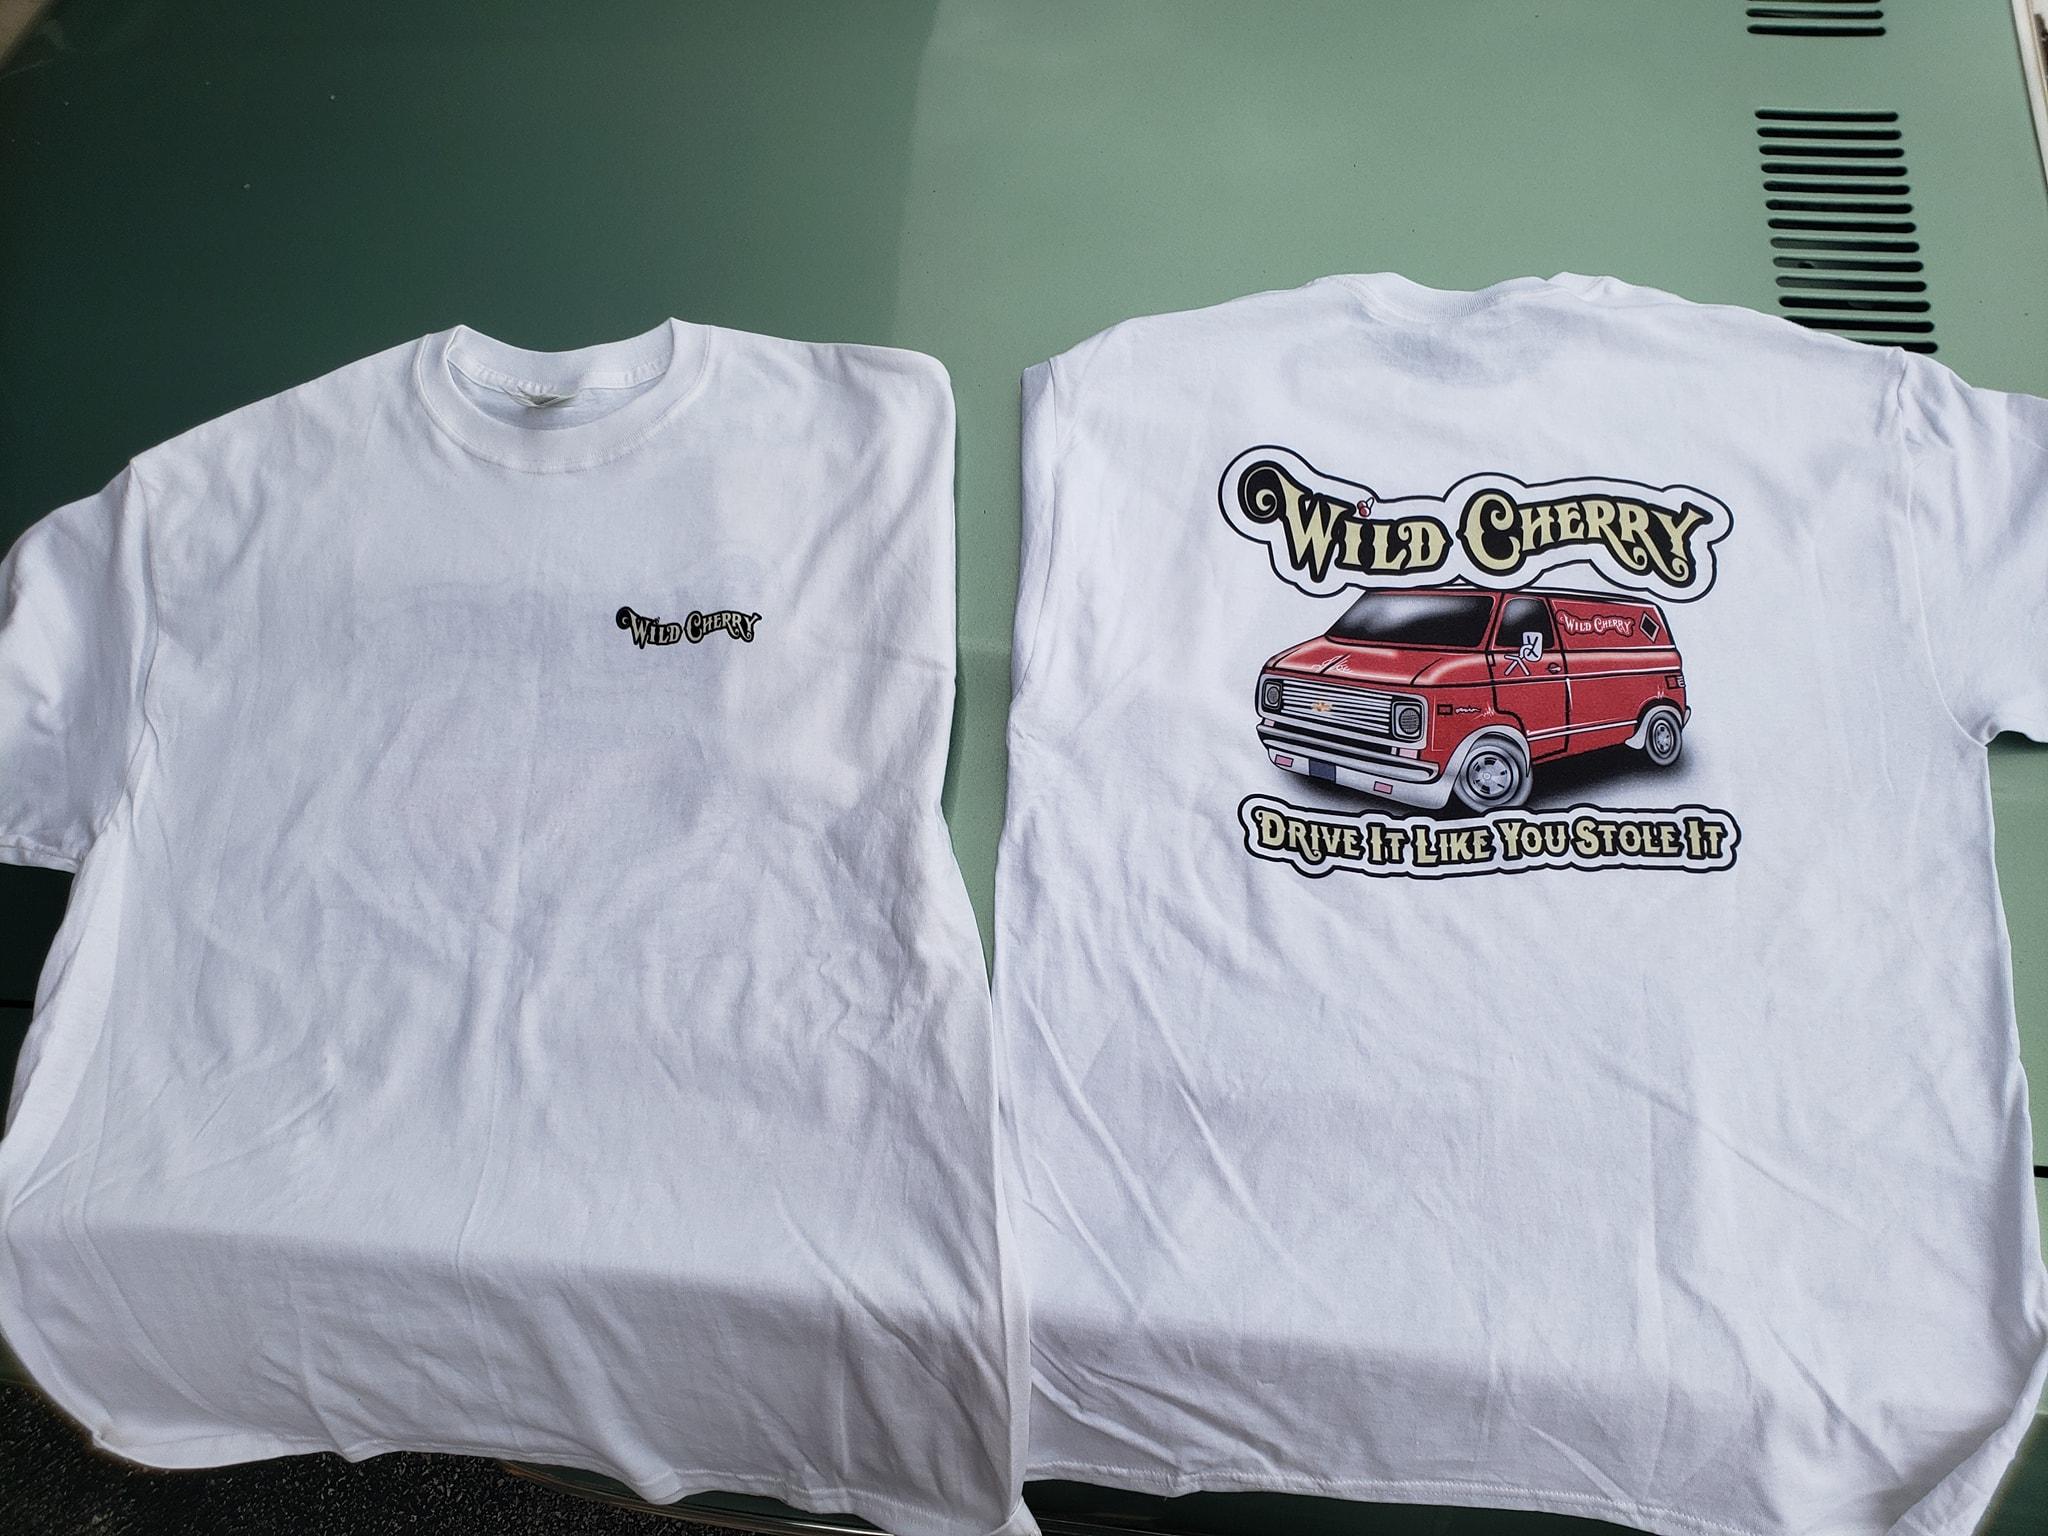 Wild Cherry Van t-shirt sales